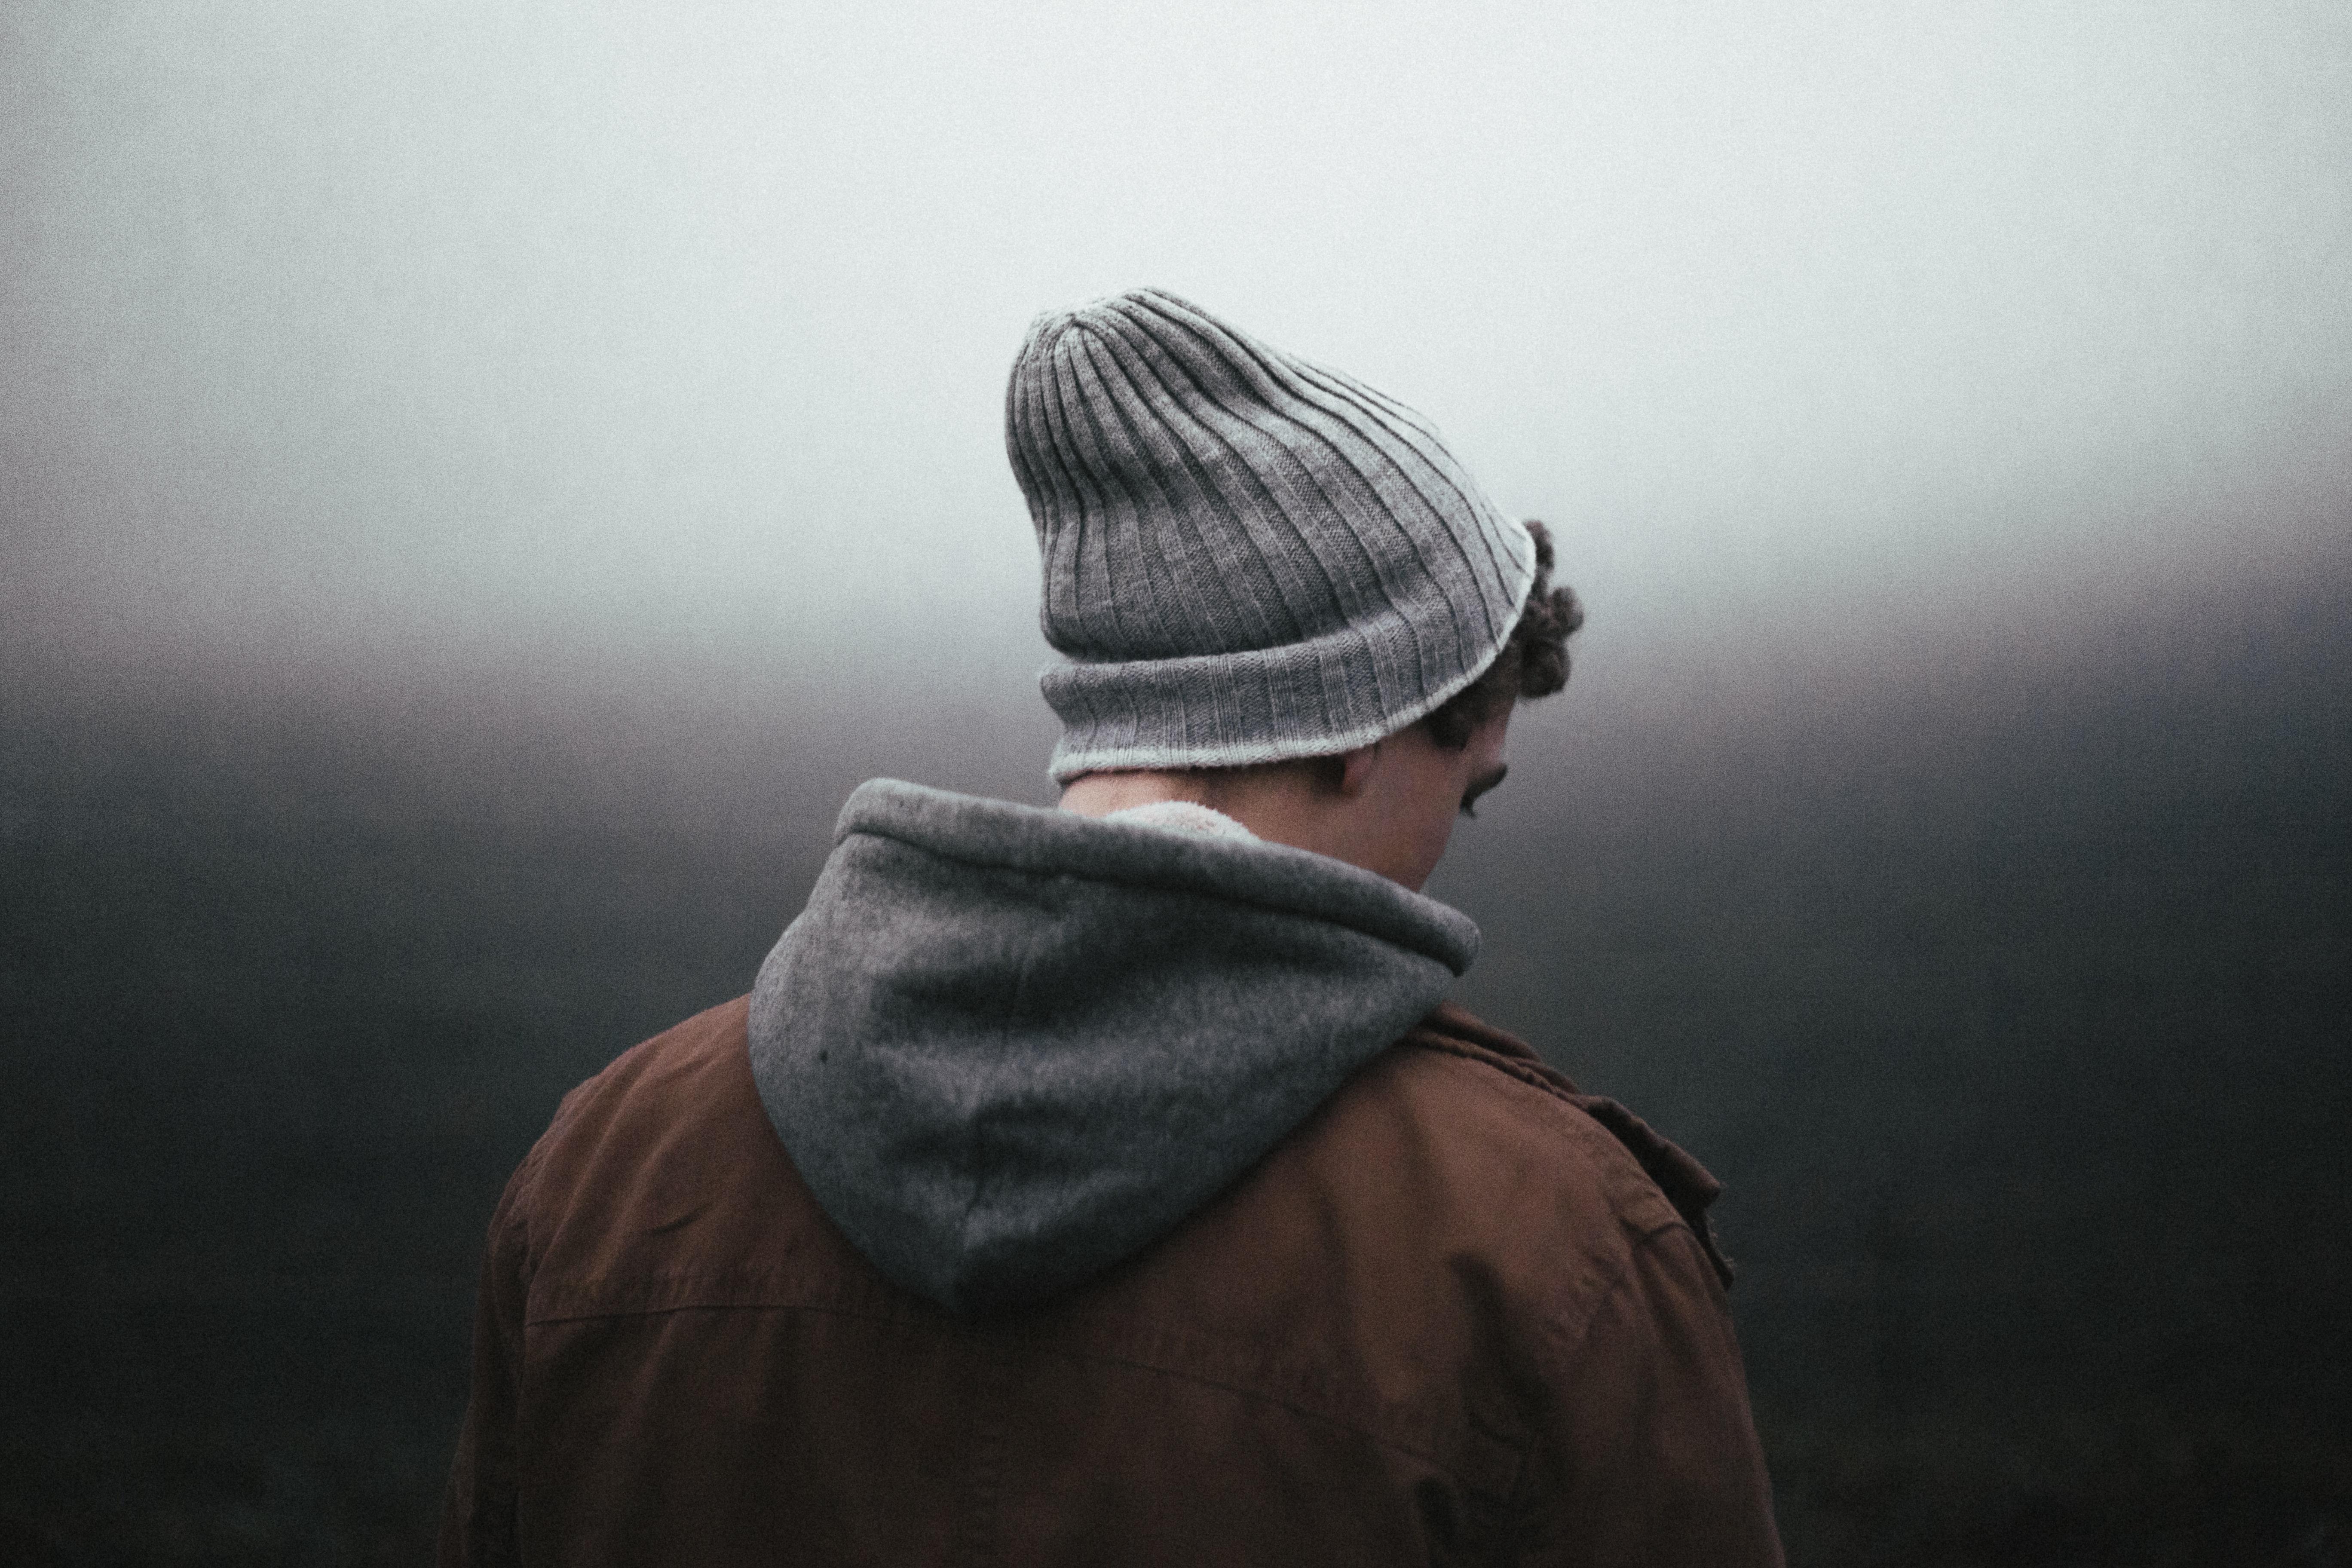 herkkä ja tunneilmapiiri